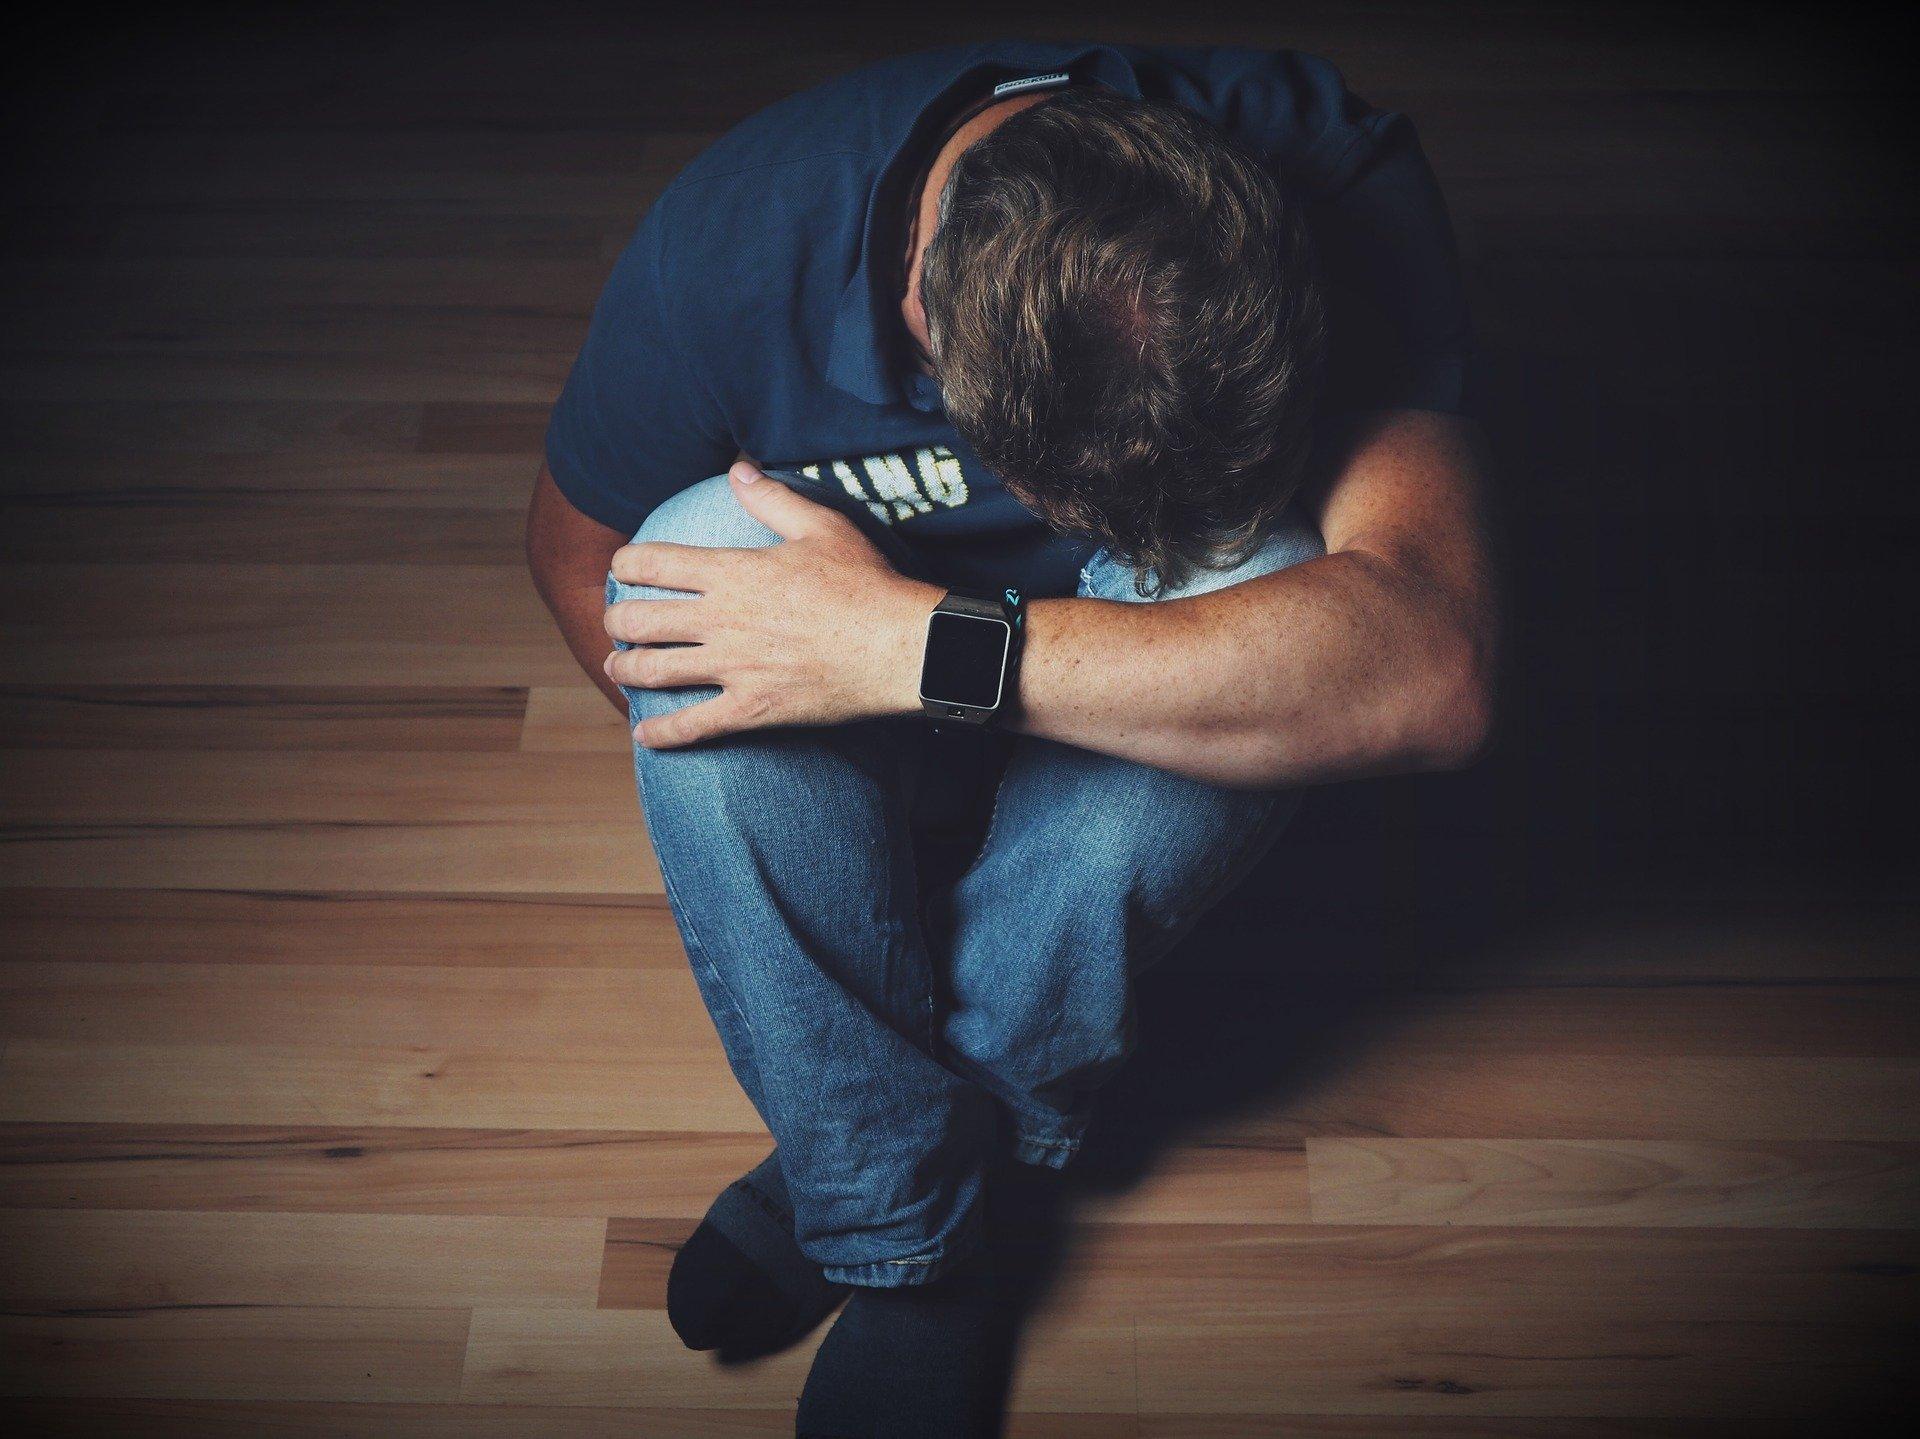 La consommation excessive de sucre peut provoquer de la dépression